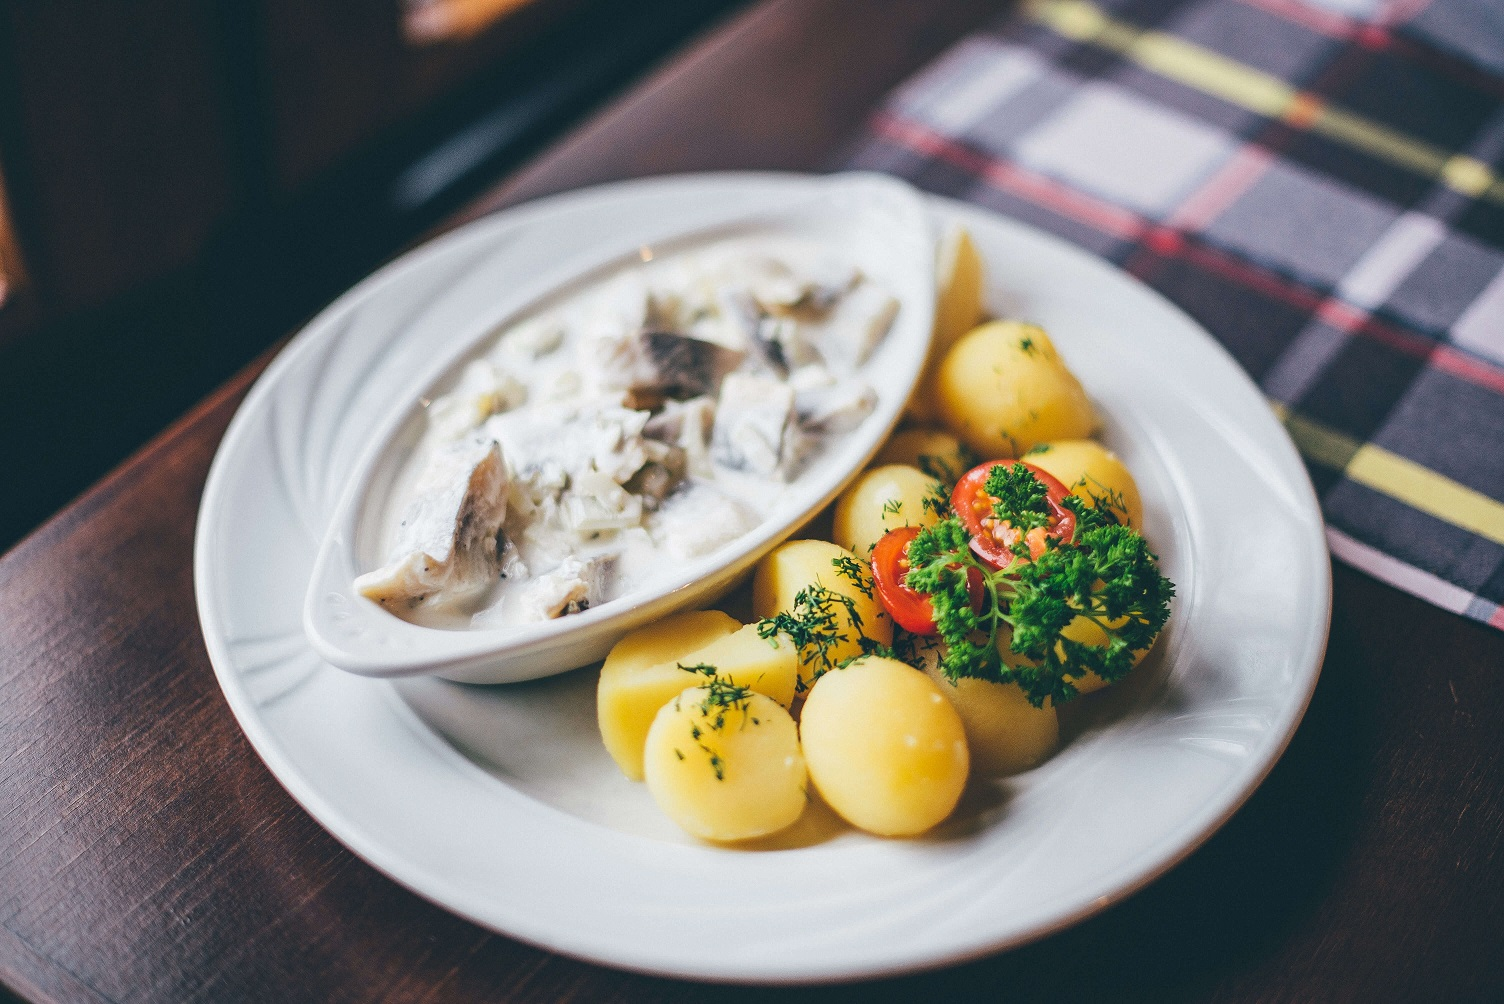 nordowi mol pomorskie prestige 12 - Kwarantanna ze smakiem w pomorskich restauracjach